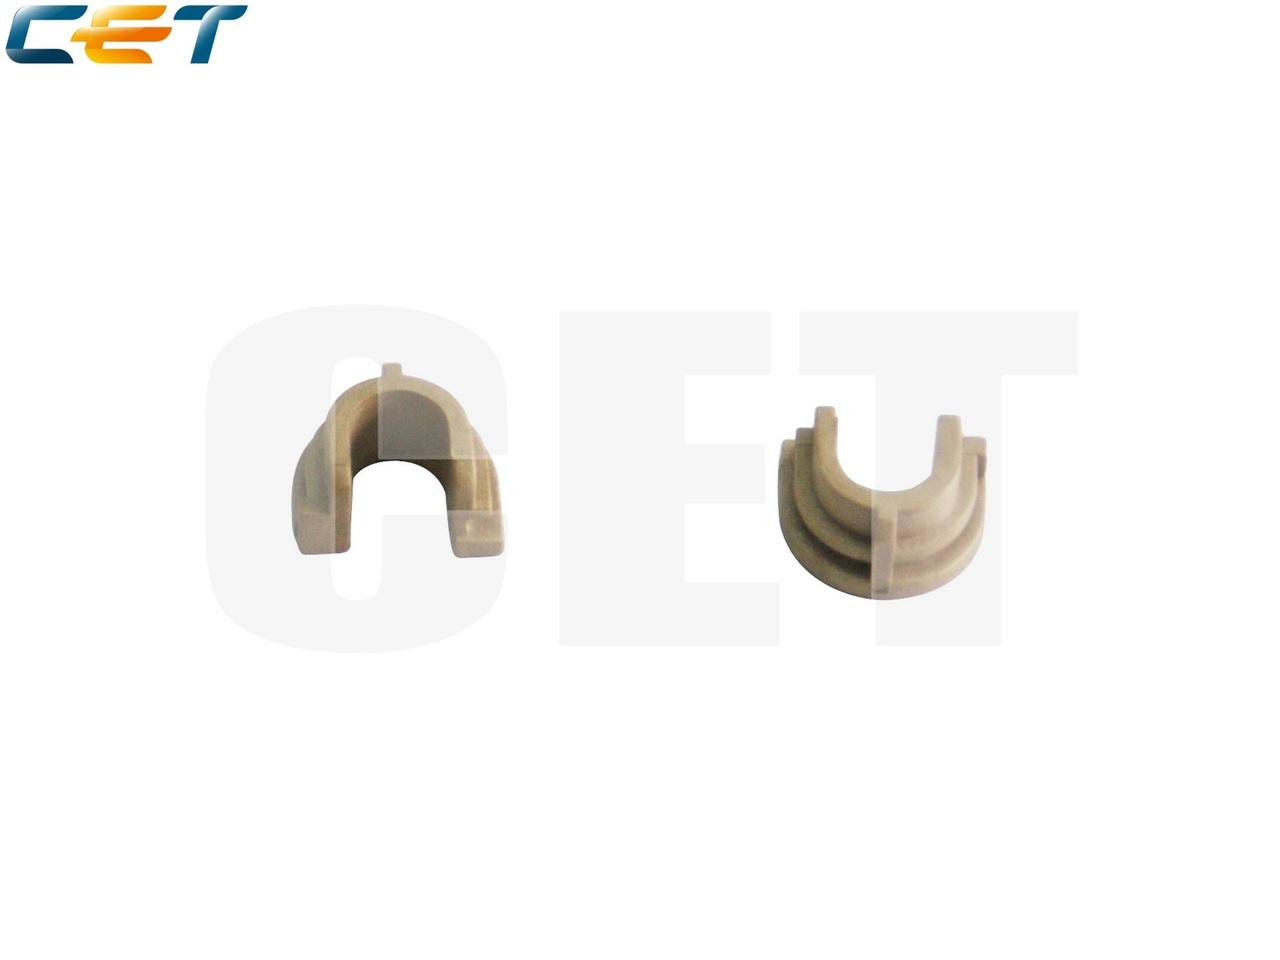 Бушинг резинового вала для HP LaserJet P1505/P1102/P1606,M125/M126/M201/M225 (CET), CET3789